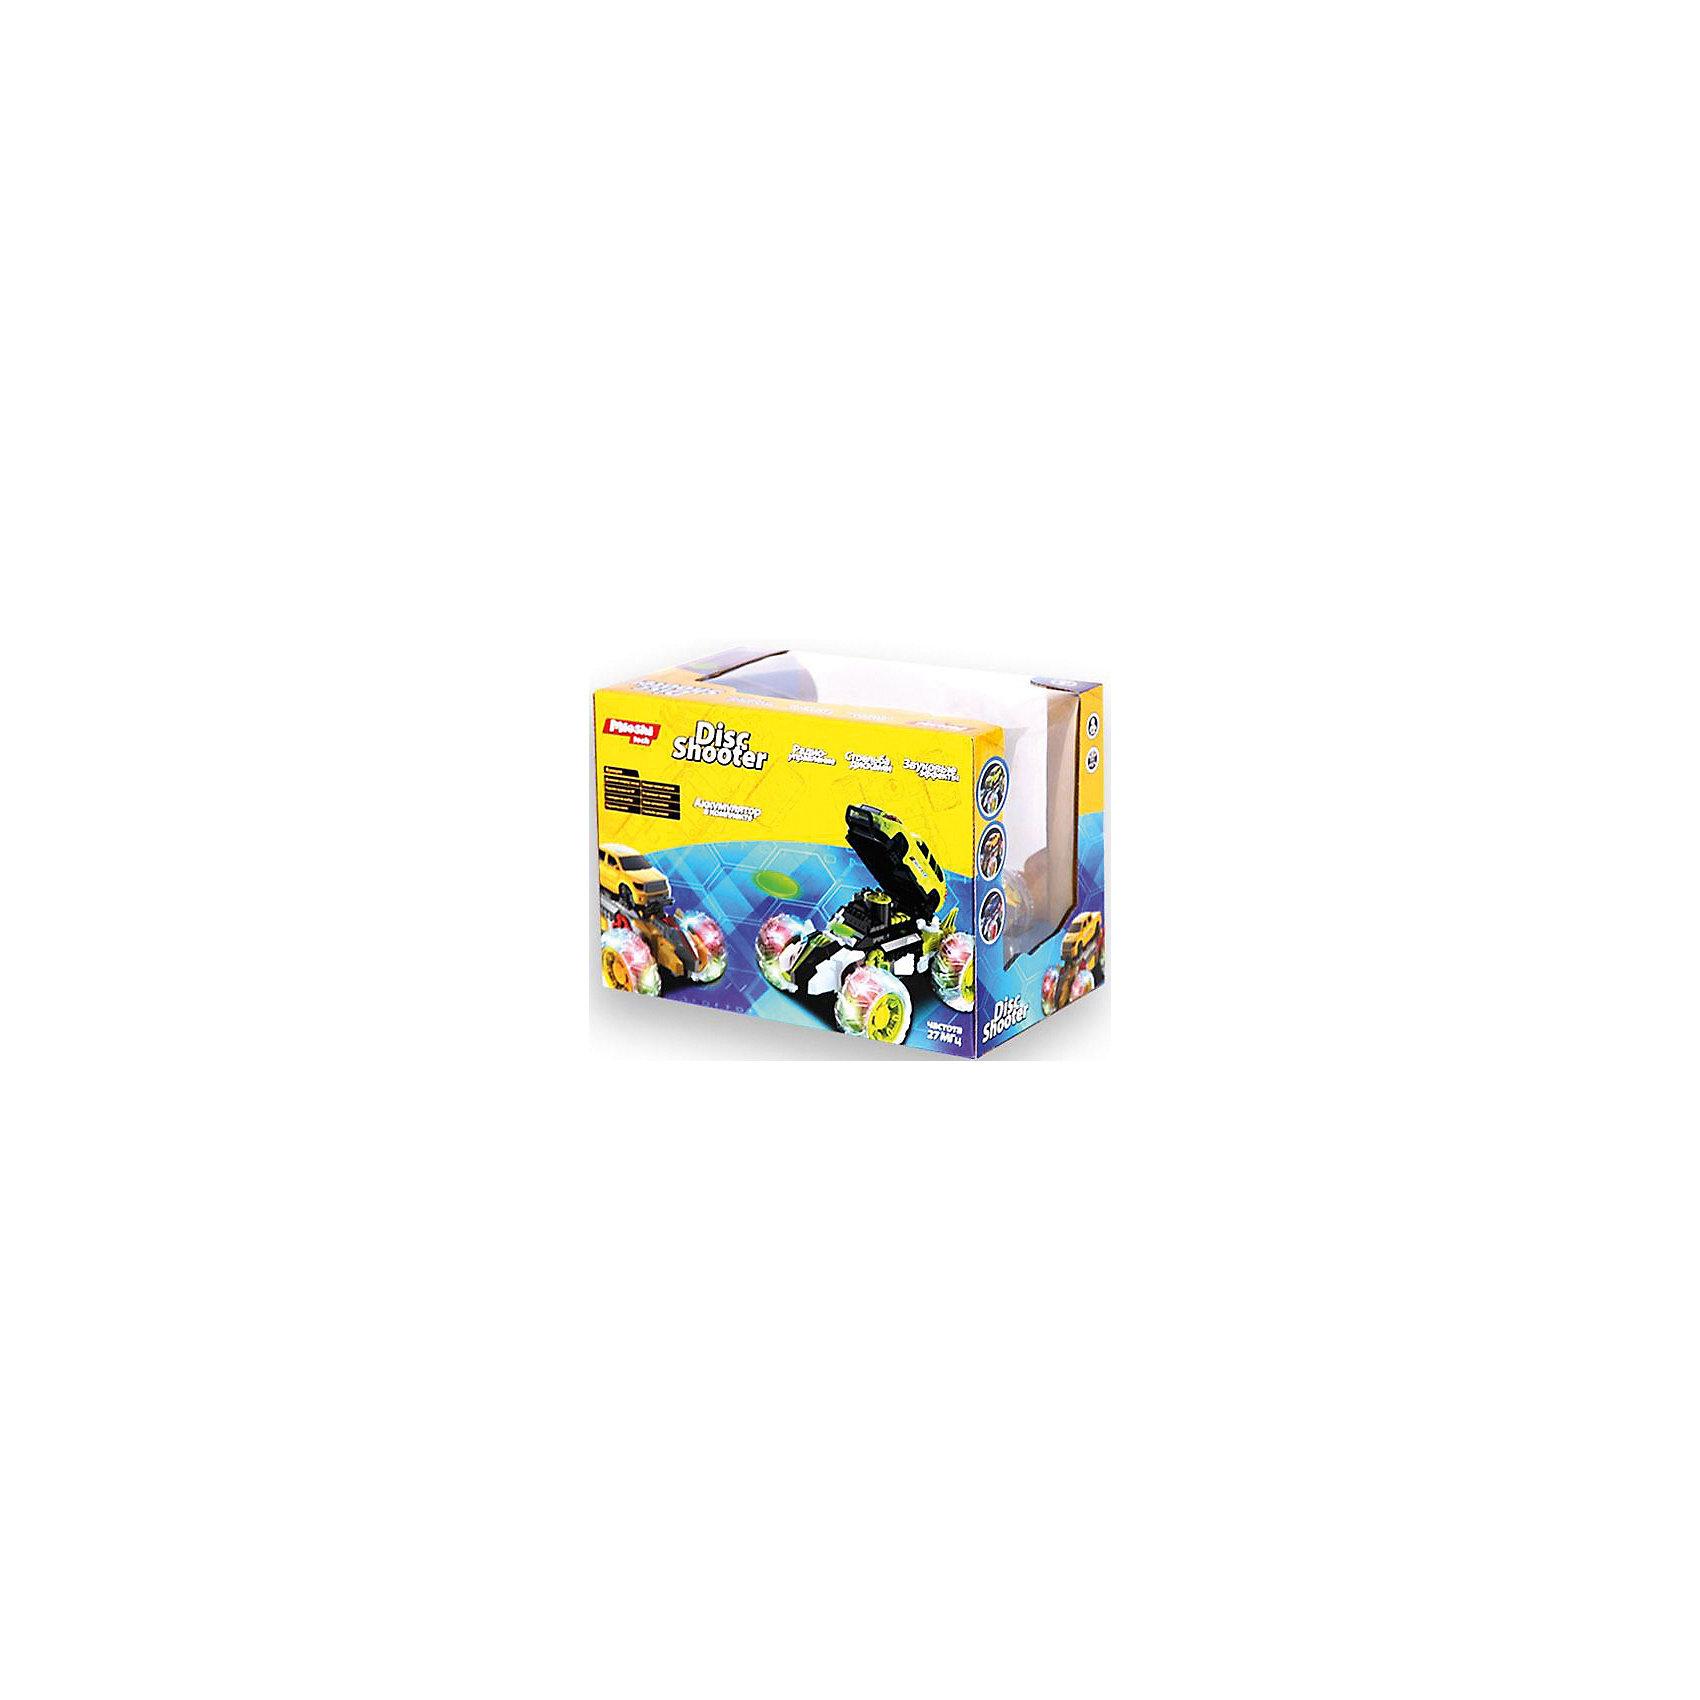 """Радиоуправляемая машинка Mioshi """"Disc shooter"""" 24.5 см, желтая"""